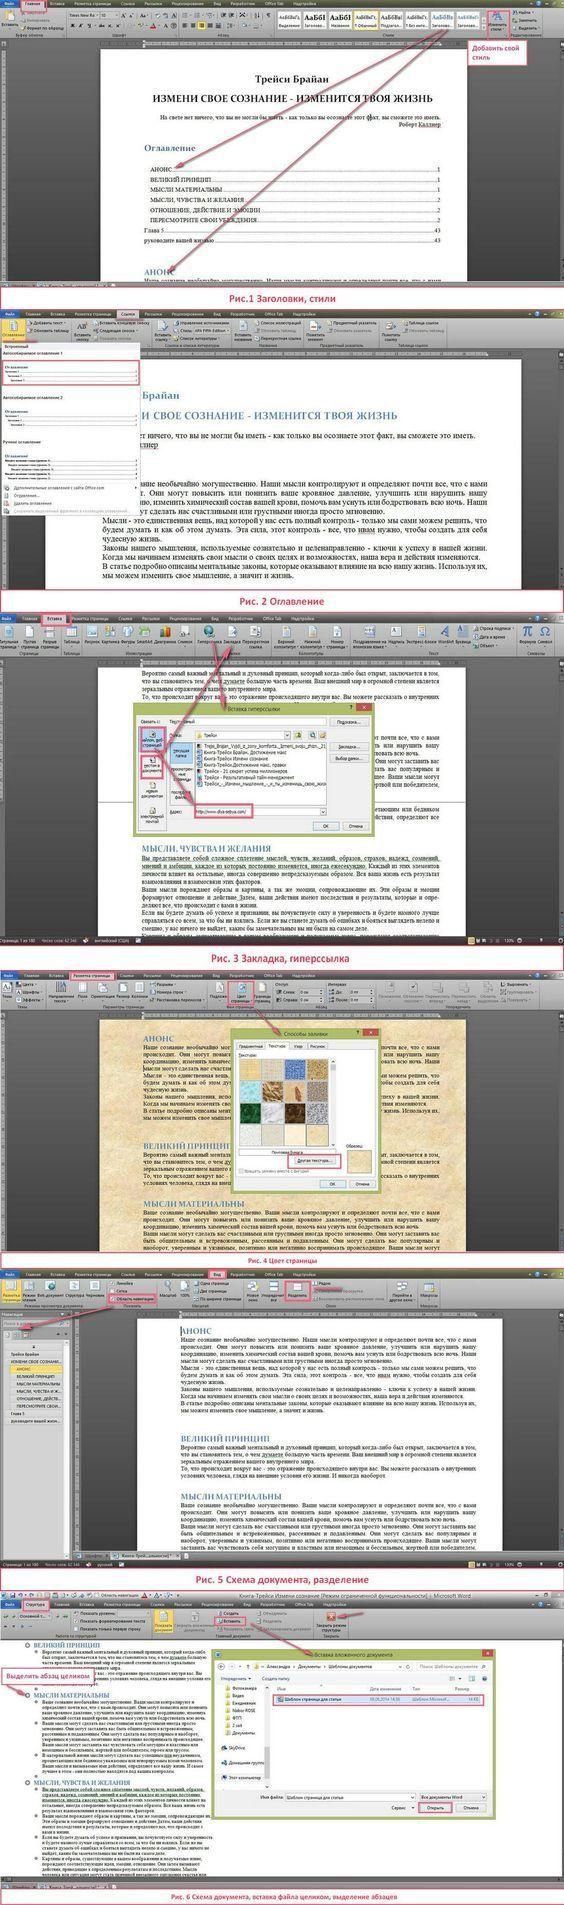 Передвижение в Word по главам: оглавление, горячие клавиши, закладки и ссылки